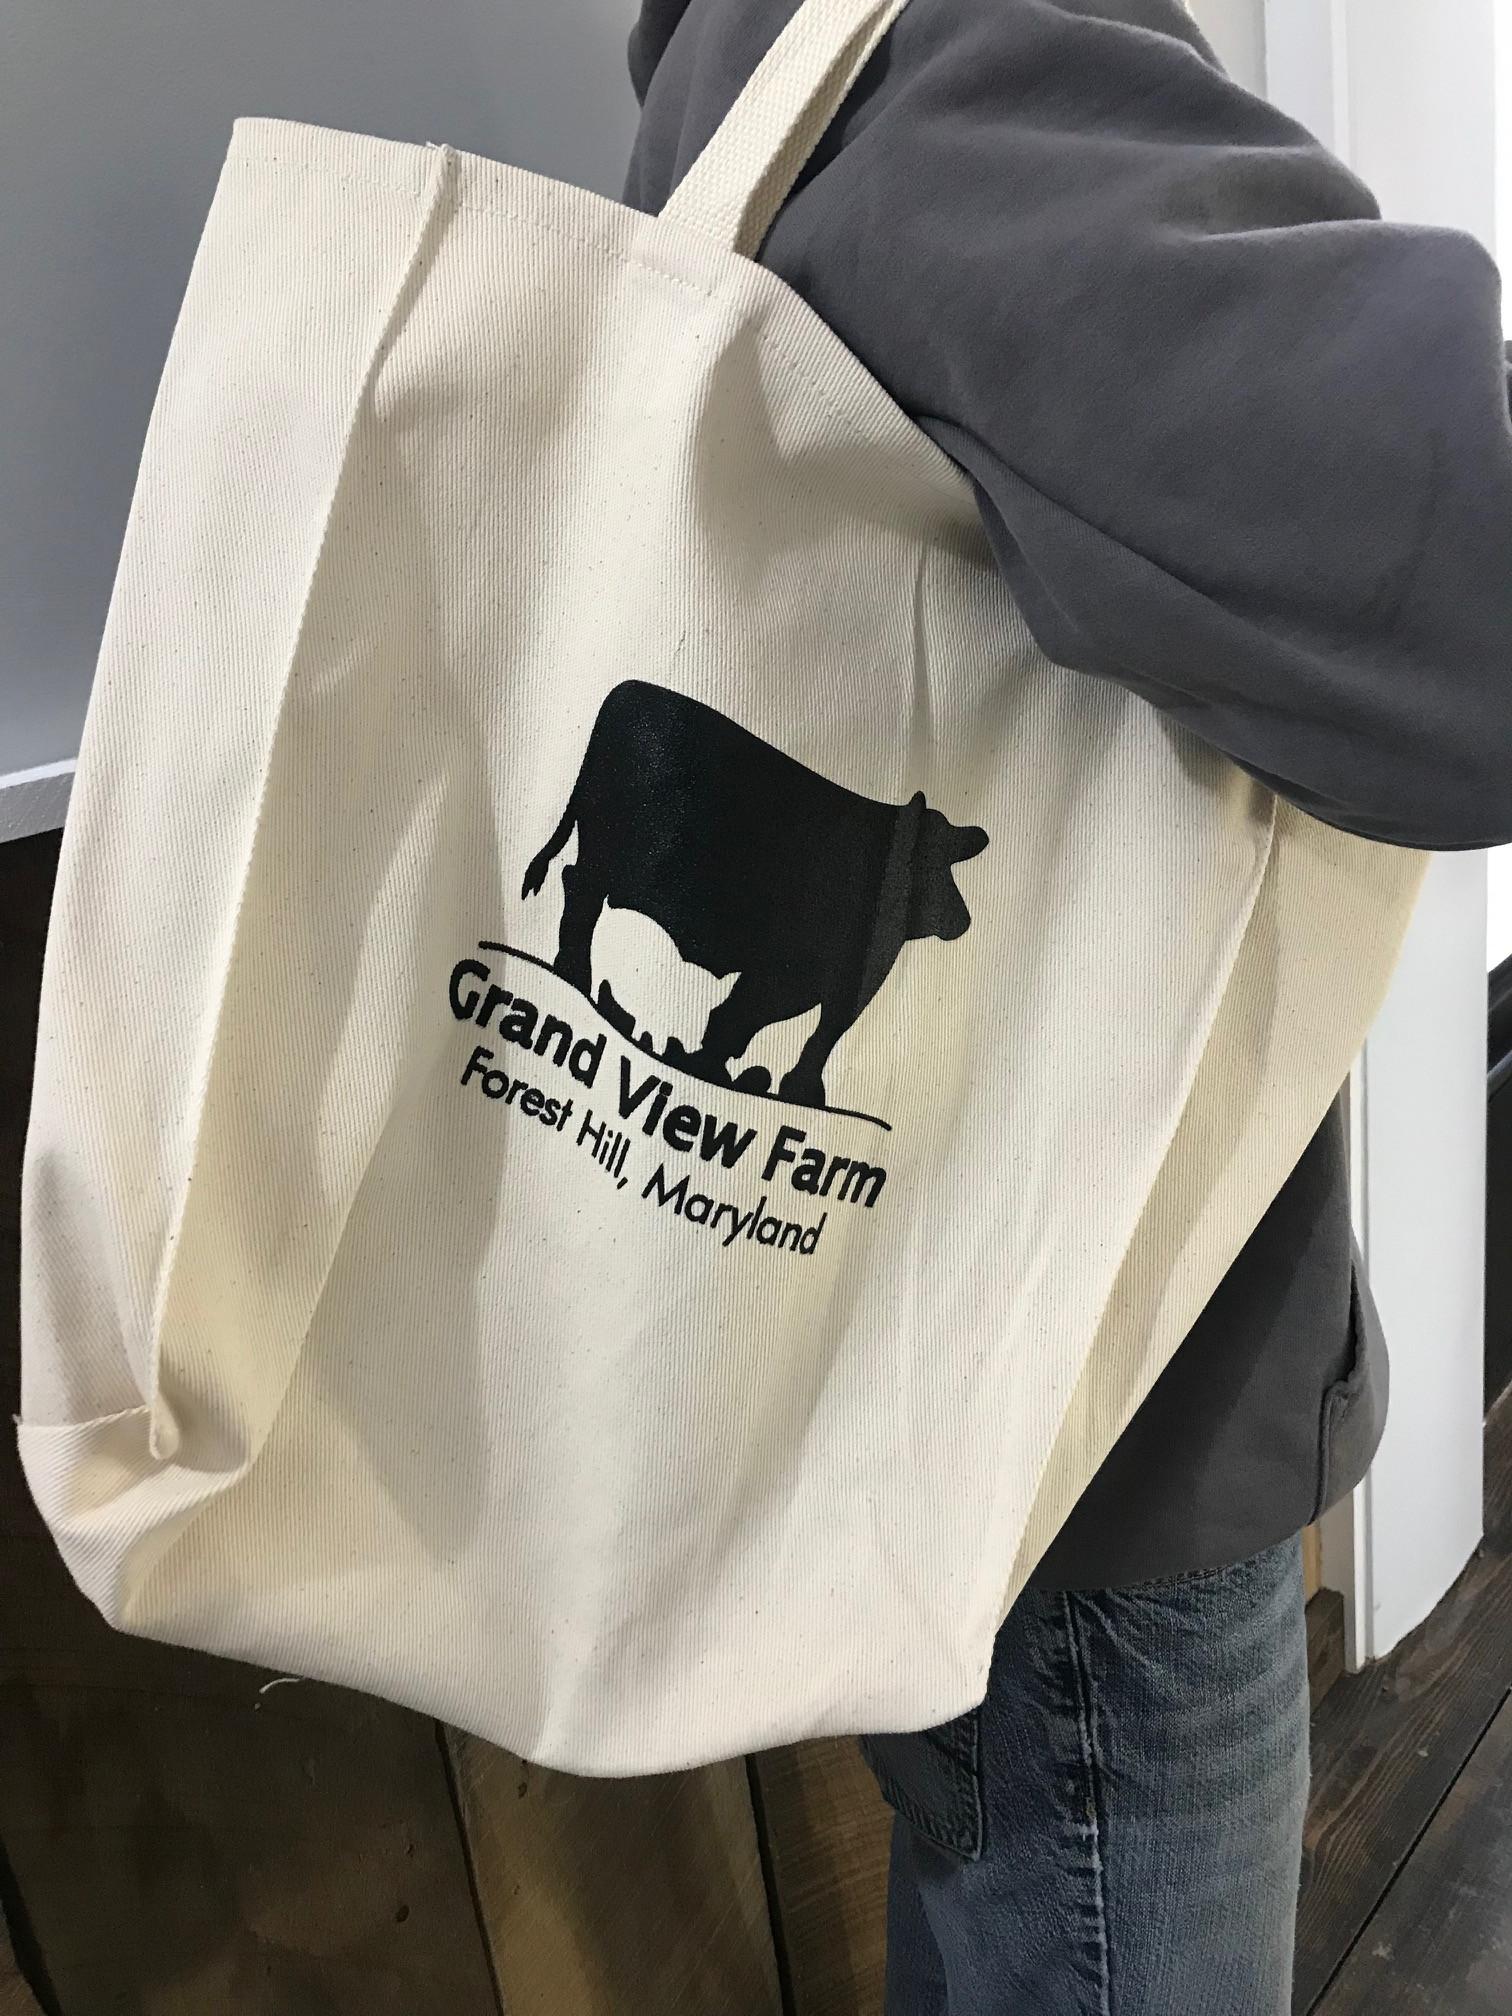 GVF Branded Reusable Shopping Bag